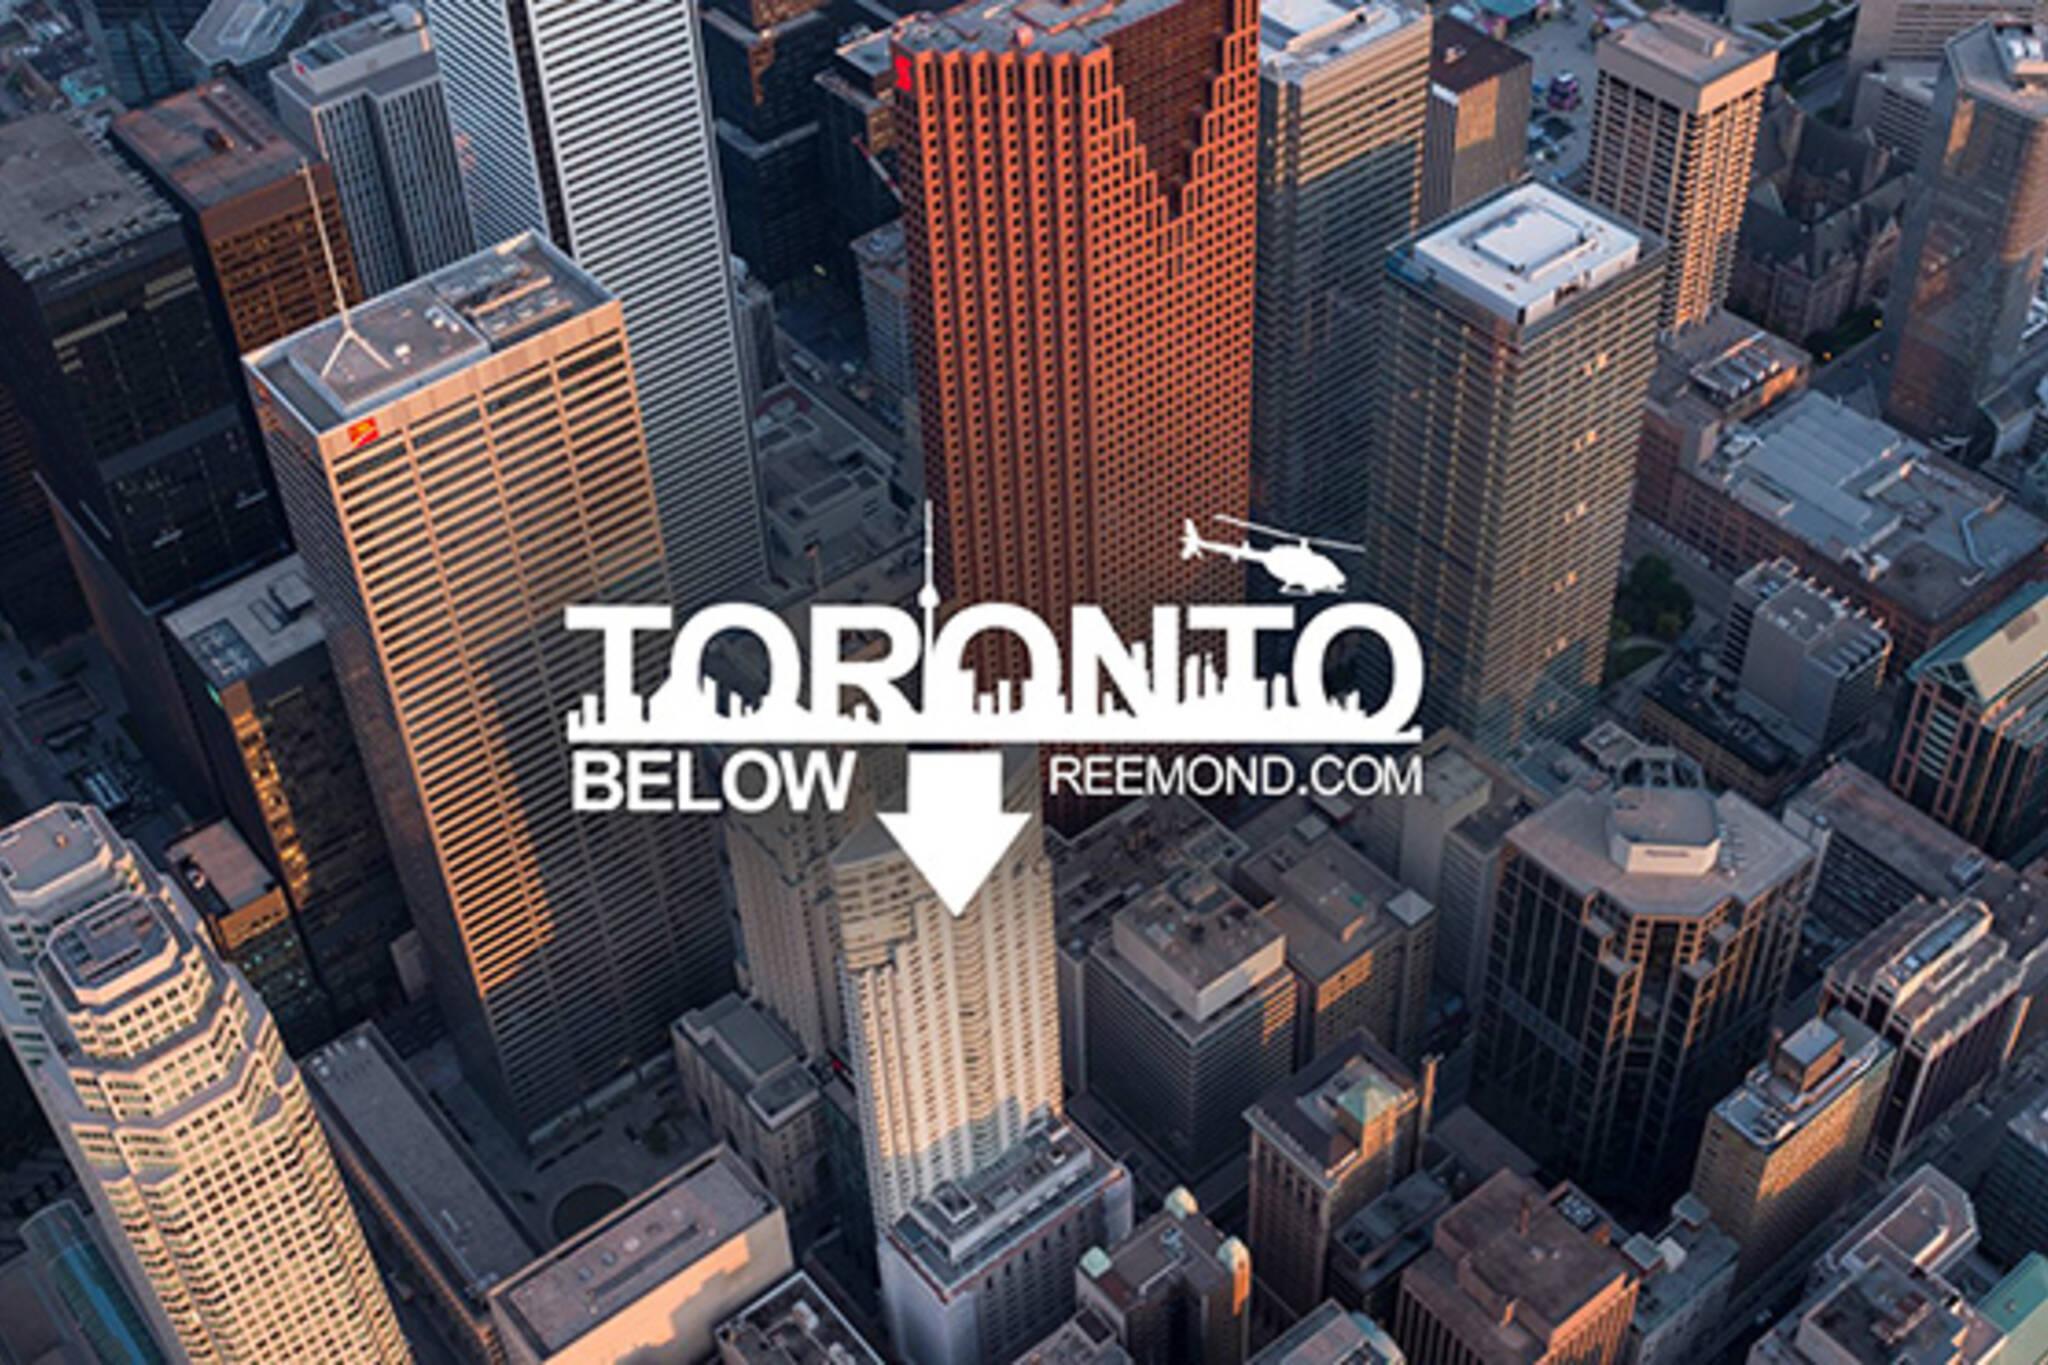 Toronto below video